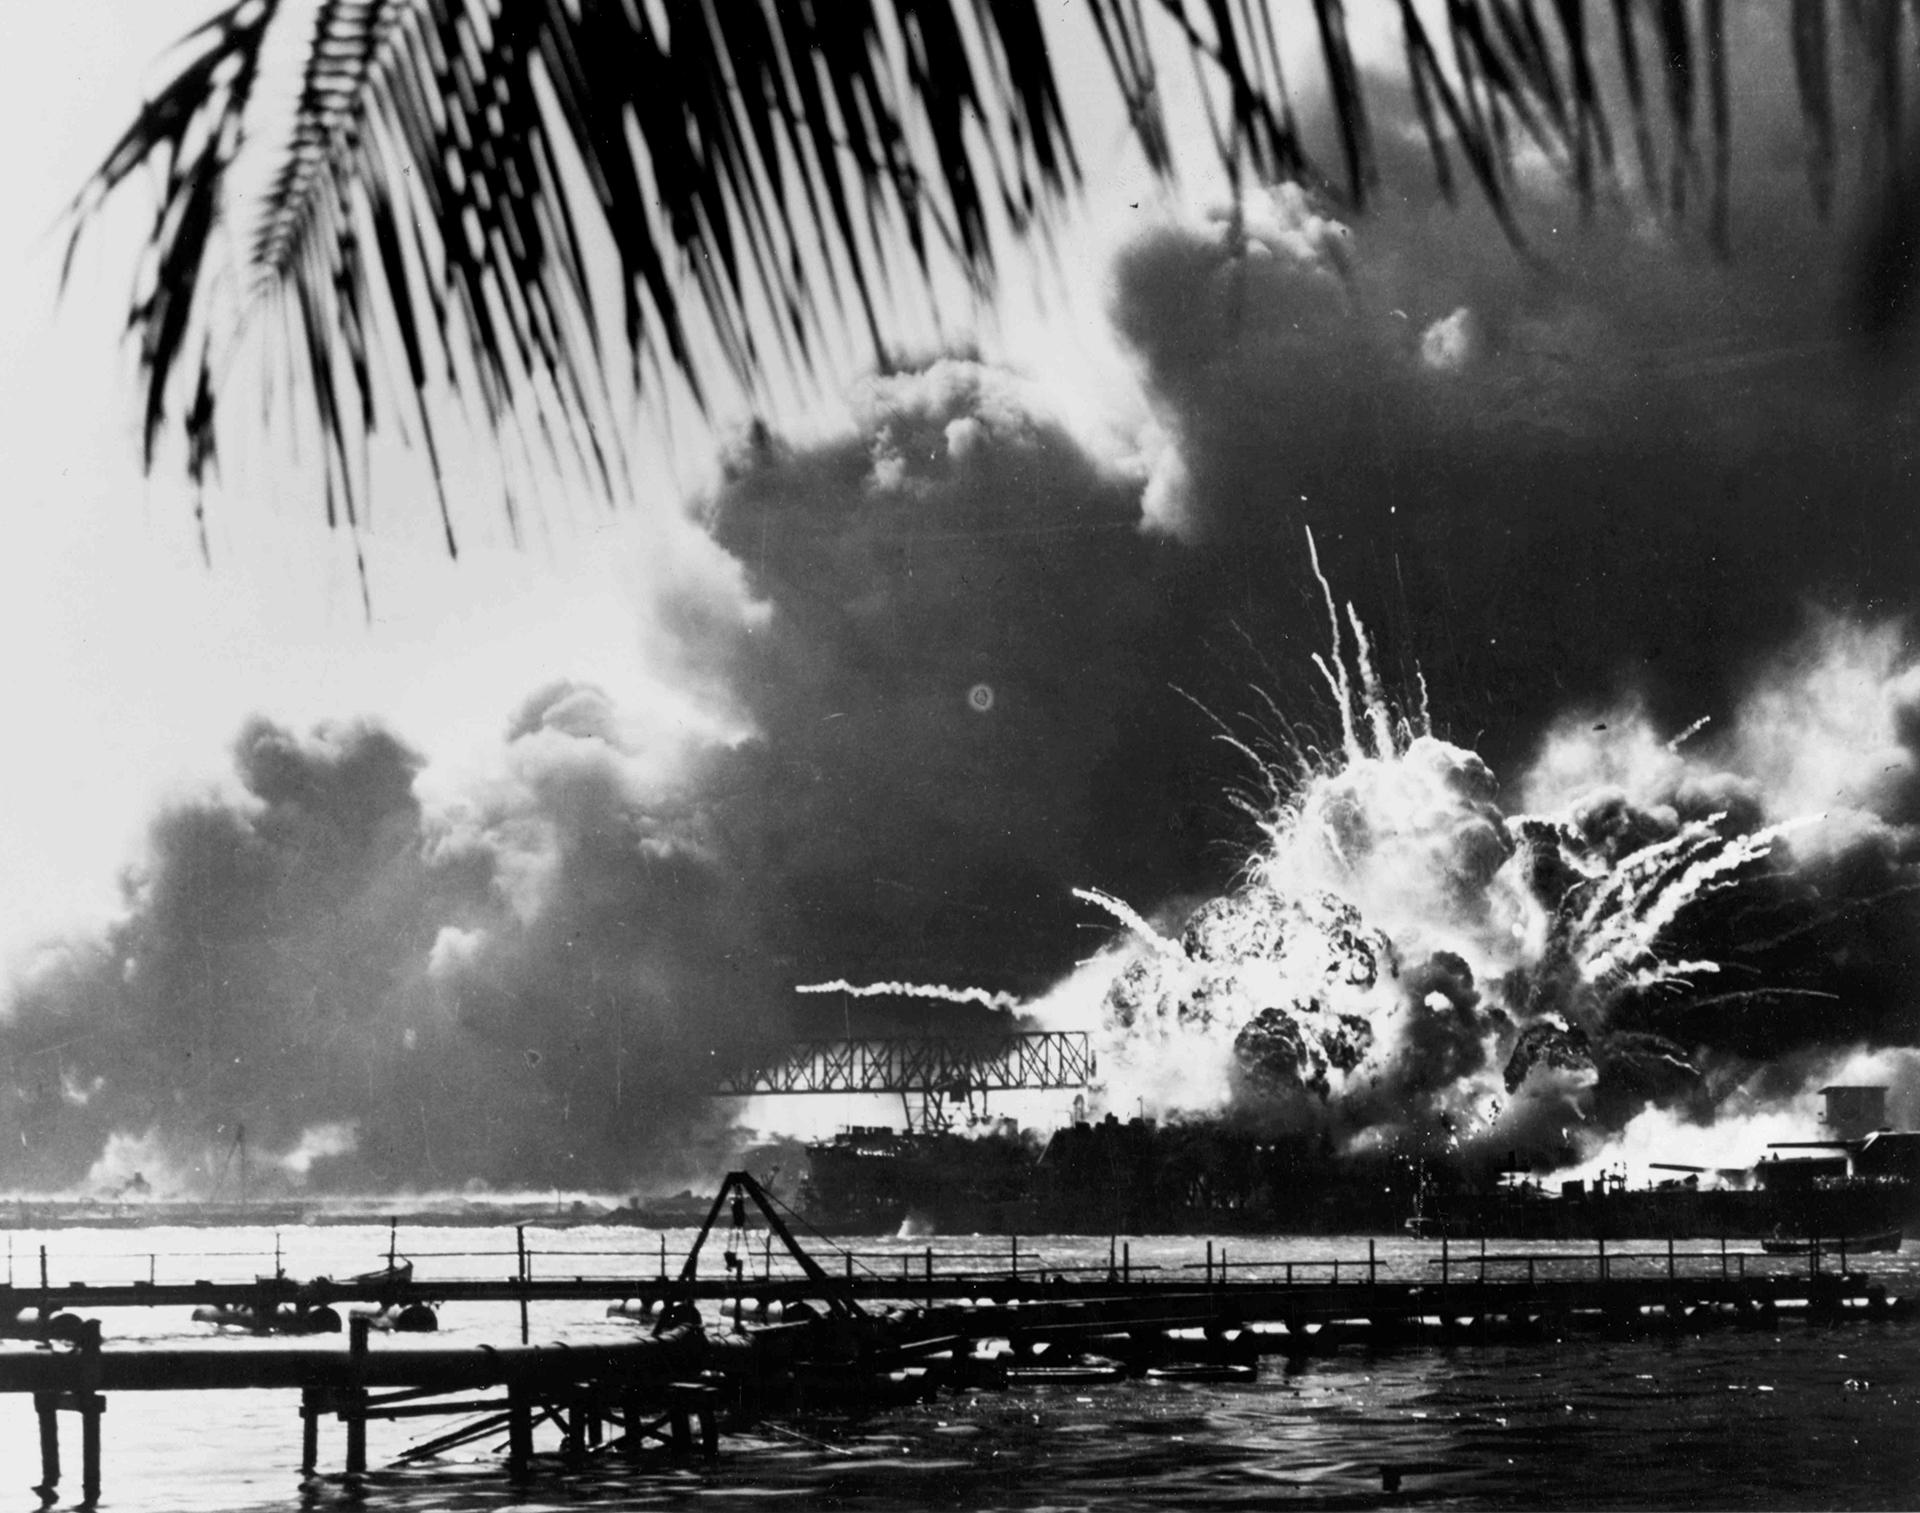 El destructor estadounidense USS Shaw explota a las 9:30 horas del 7 de diciembre de 1941, durante el ataque japonés contra Pearl Harbor